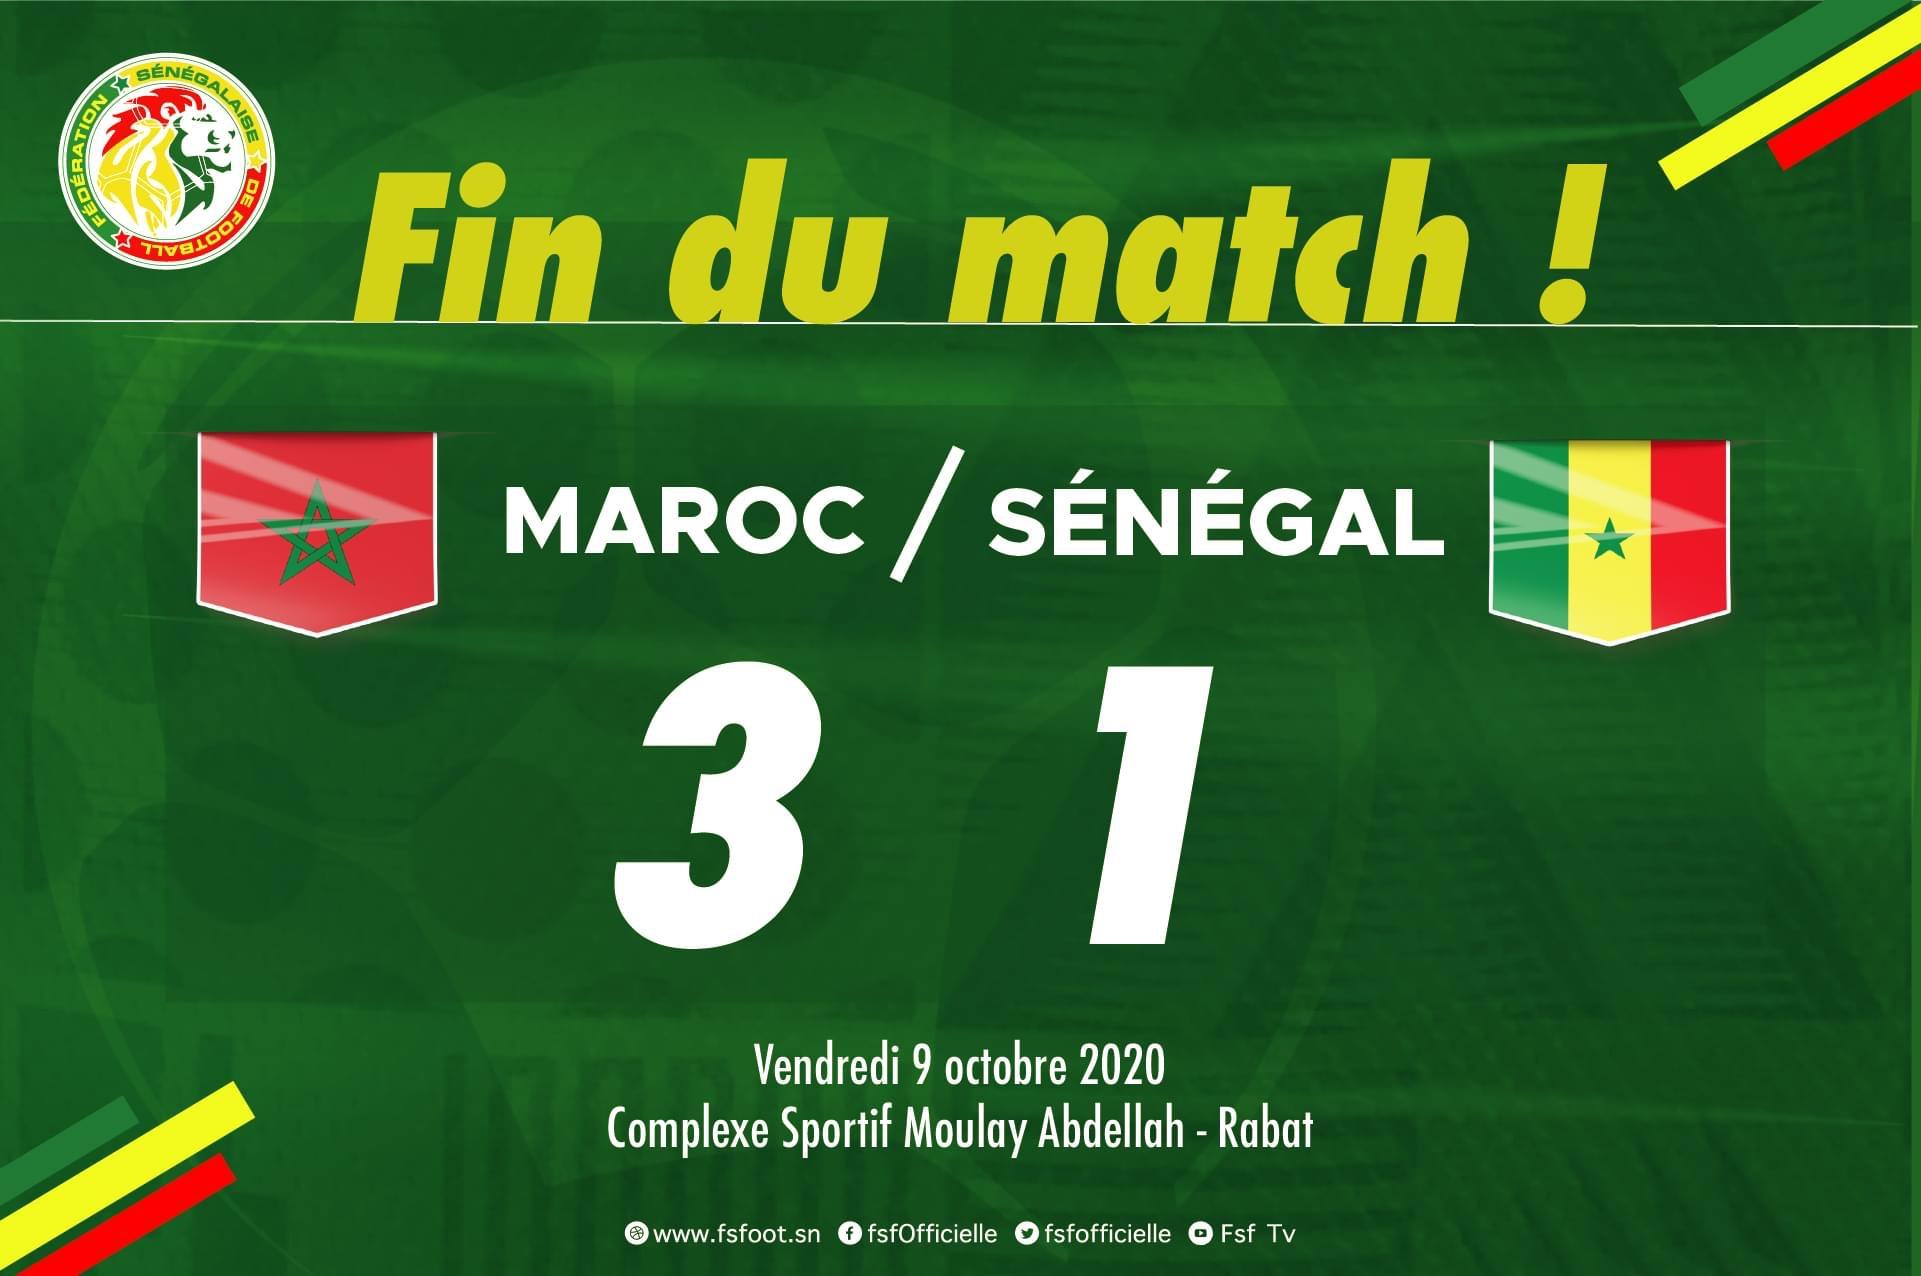 """Football / Amical : Les """" Lions """" s'inclinent lourdement 1-3 face au Maroc"""